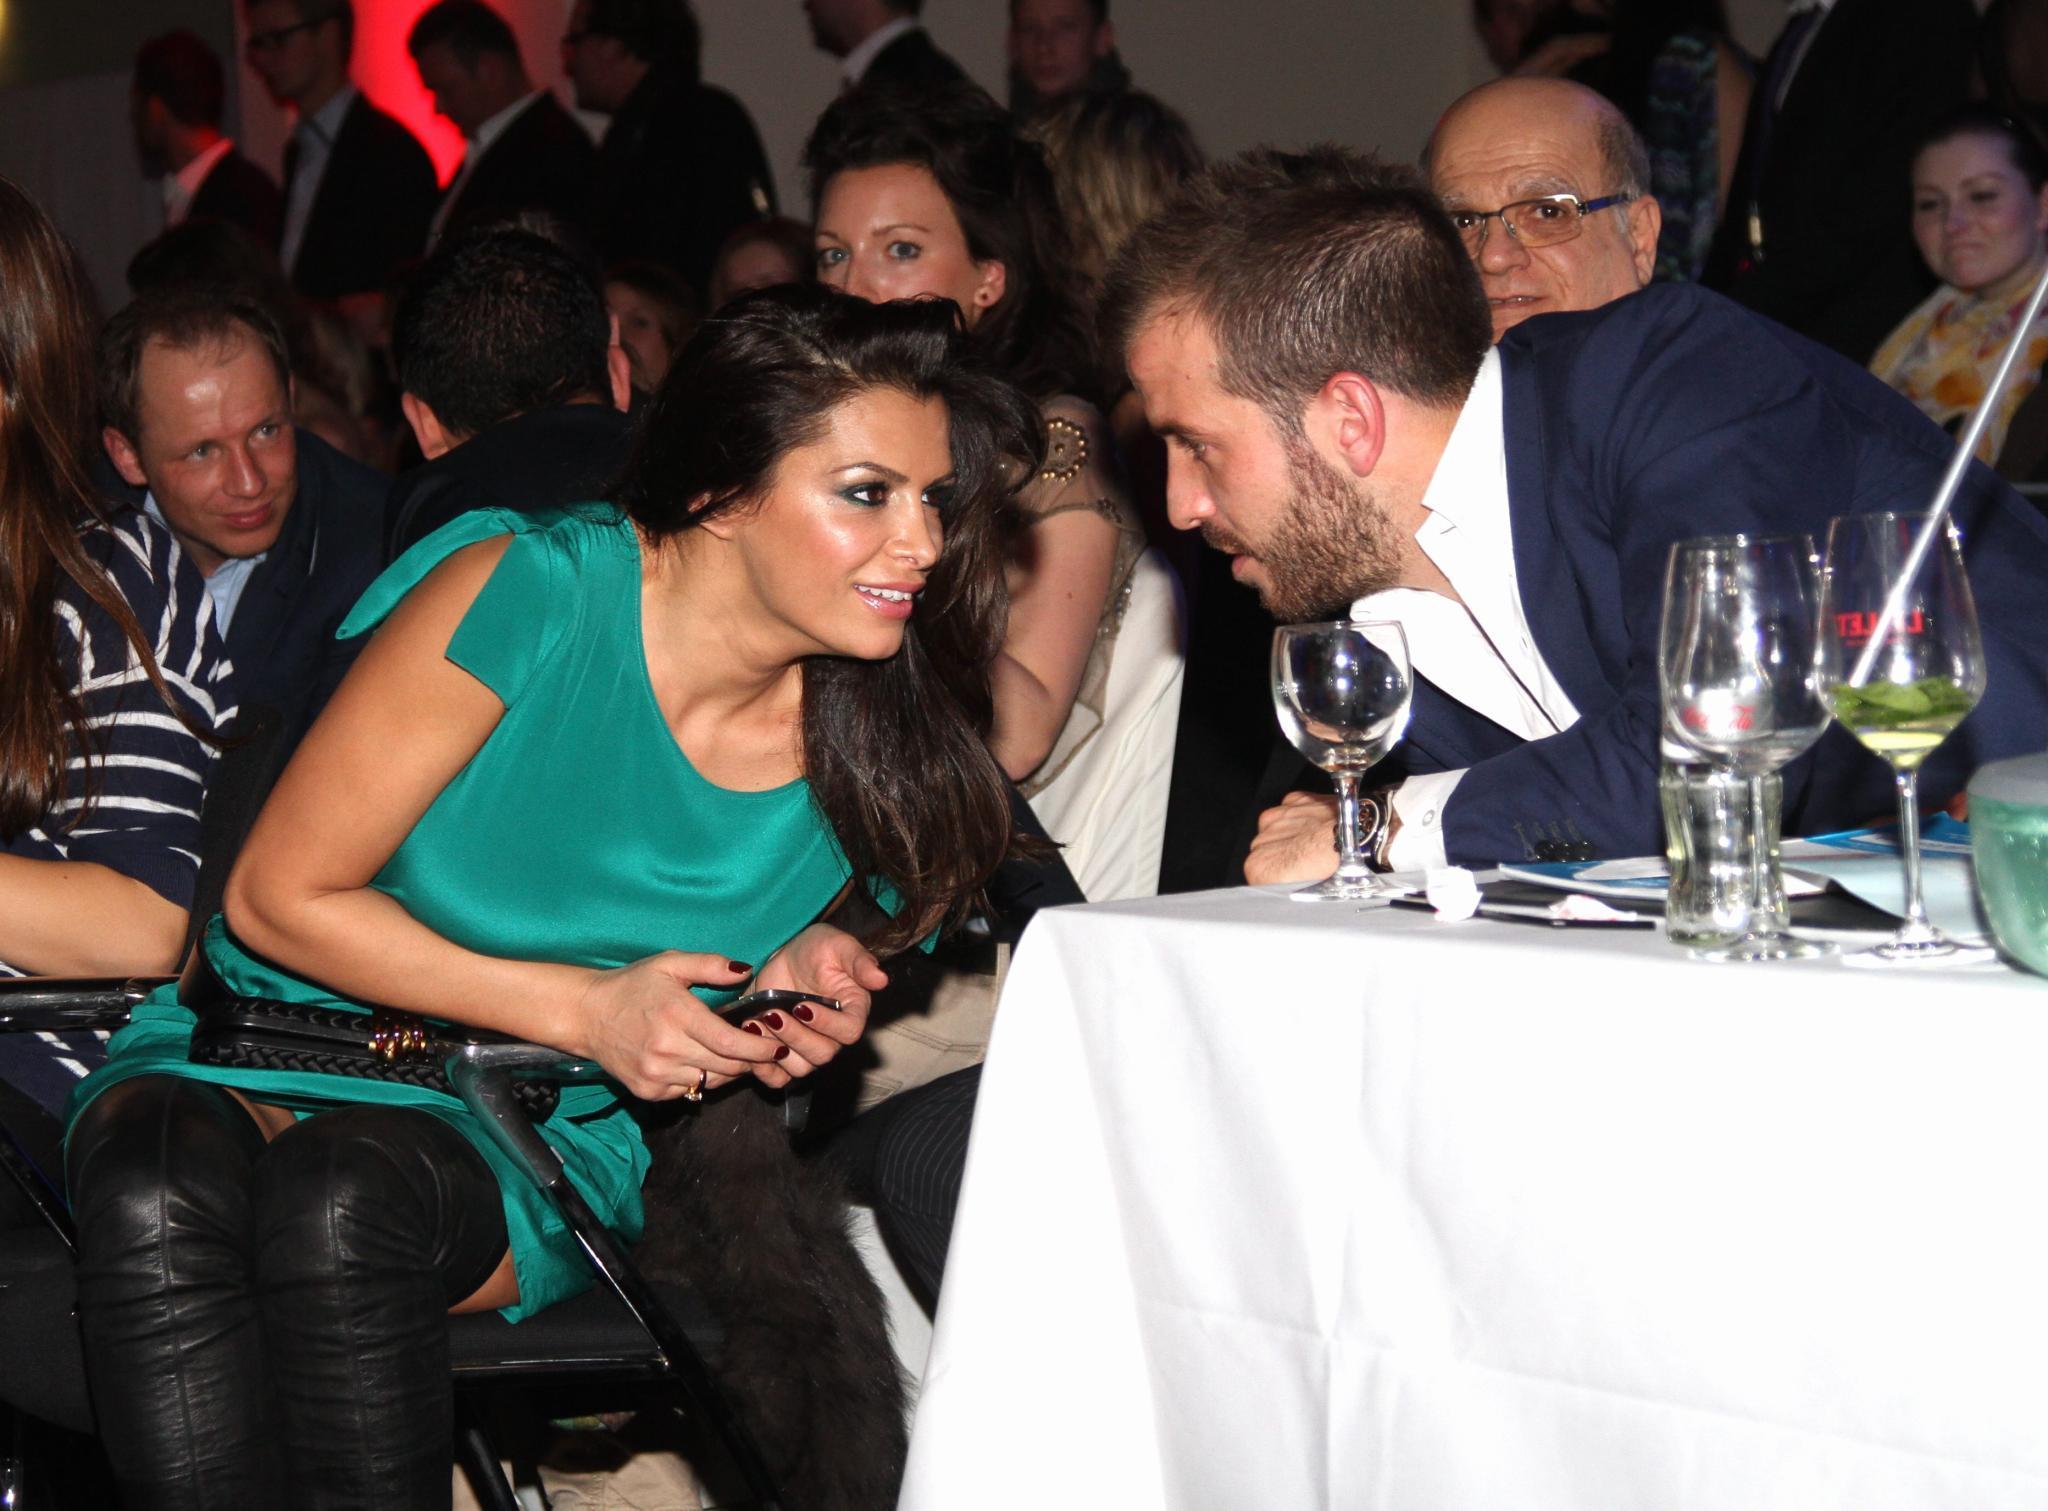 """Am 8. Dezember sitzt Rafael van der Vaart bei der """"Miss & Mister Hamburg Wahl"""" in der Jury. An seiner Seite: Sabia Boulahrouz, die ständig mit ihm flirtet. Sylvie ist an diesem Abend in London, besucht die """"Noble Gift Gala"""" mit Eva Longoria."""